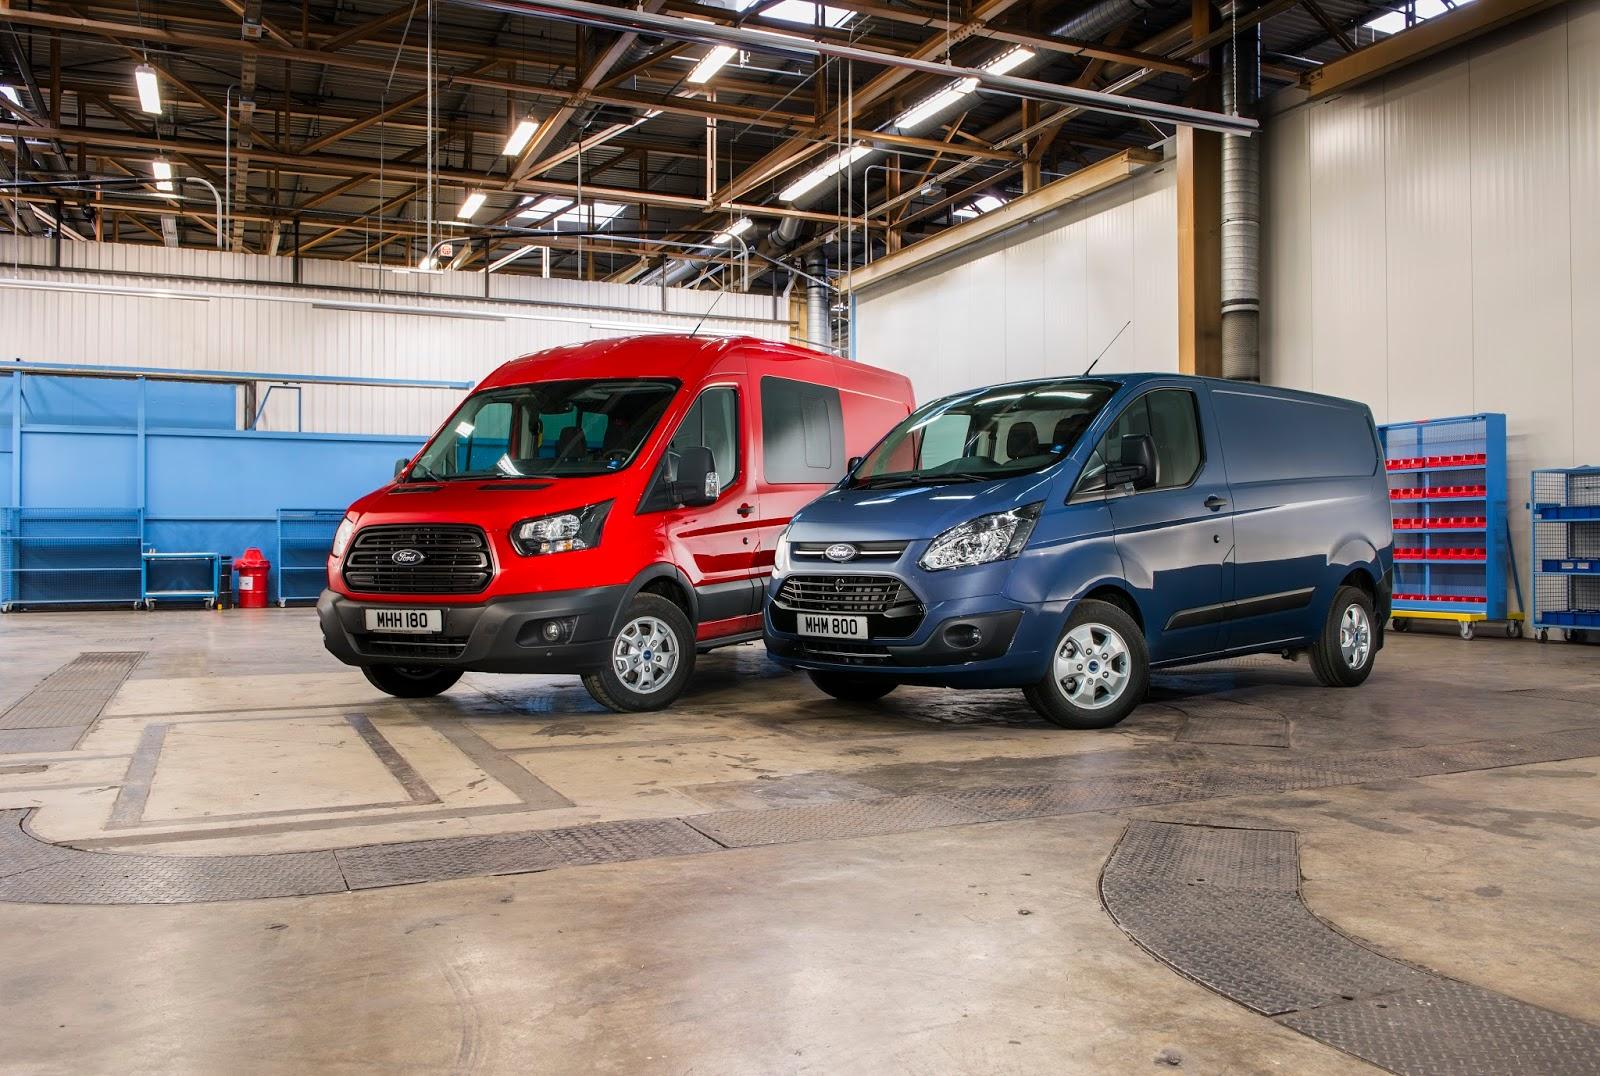 Ford2016 Transit Group 09 Ford Transit & Transit Custom με νέους κινητήρες Ford EcoBlue Engine, Ford, Ford Transit, Ford Transit Custom, videos, Επαγγελματικά